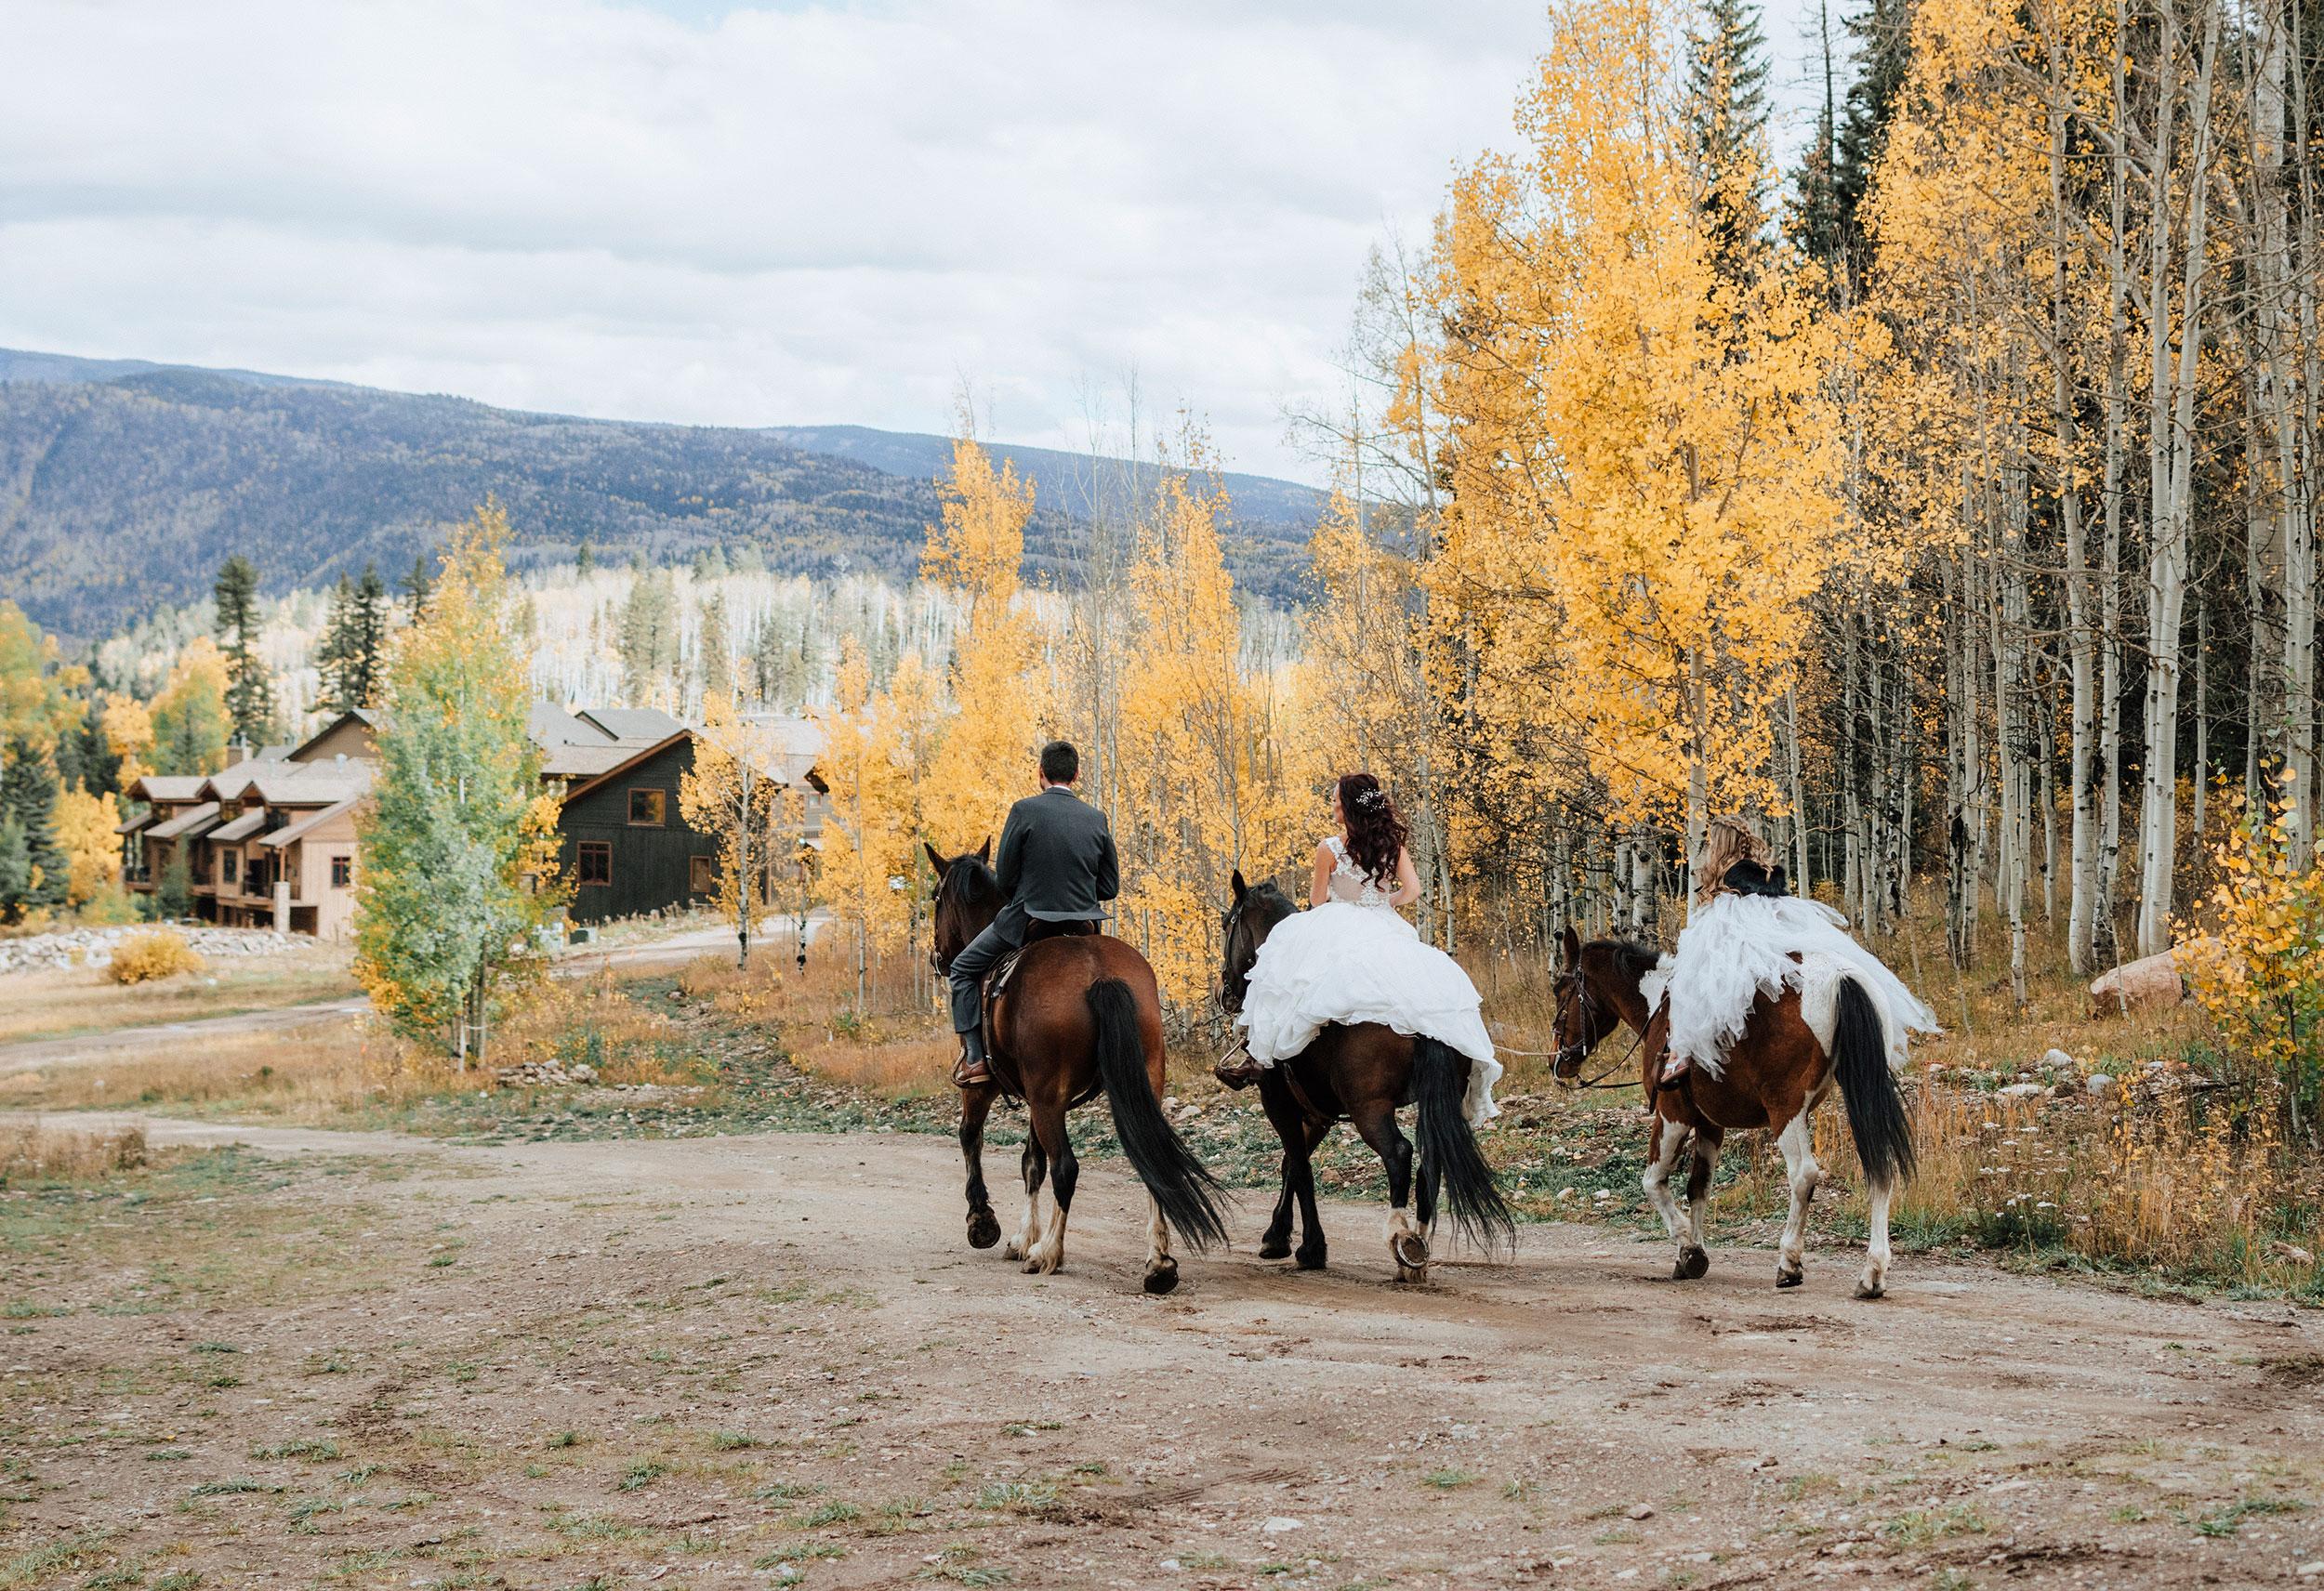 A Fall Wedding at Cascade Village Durango